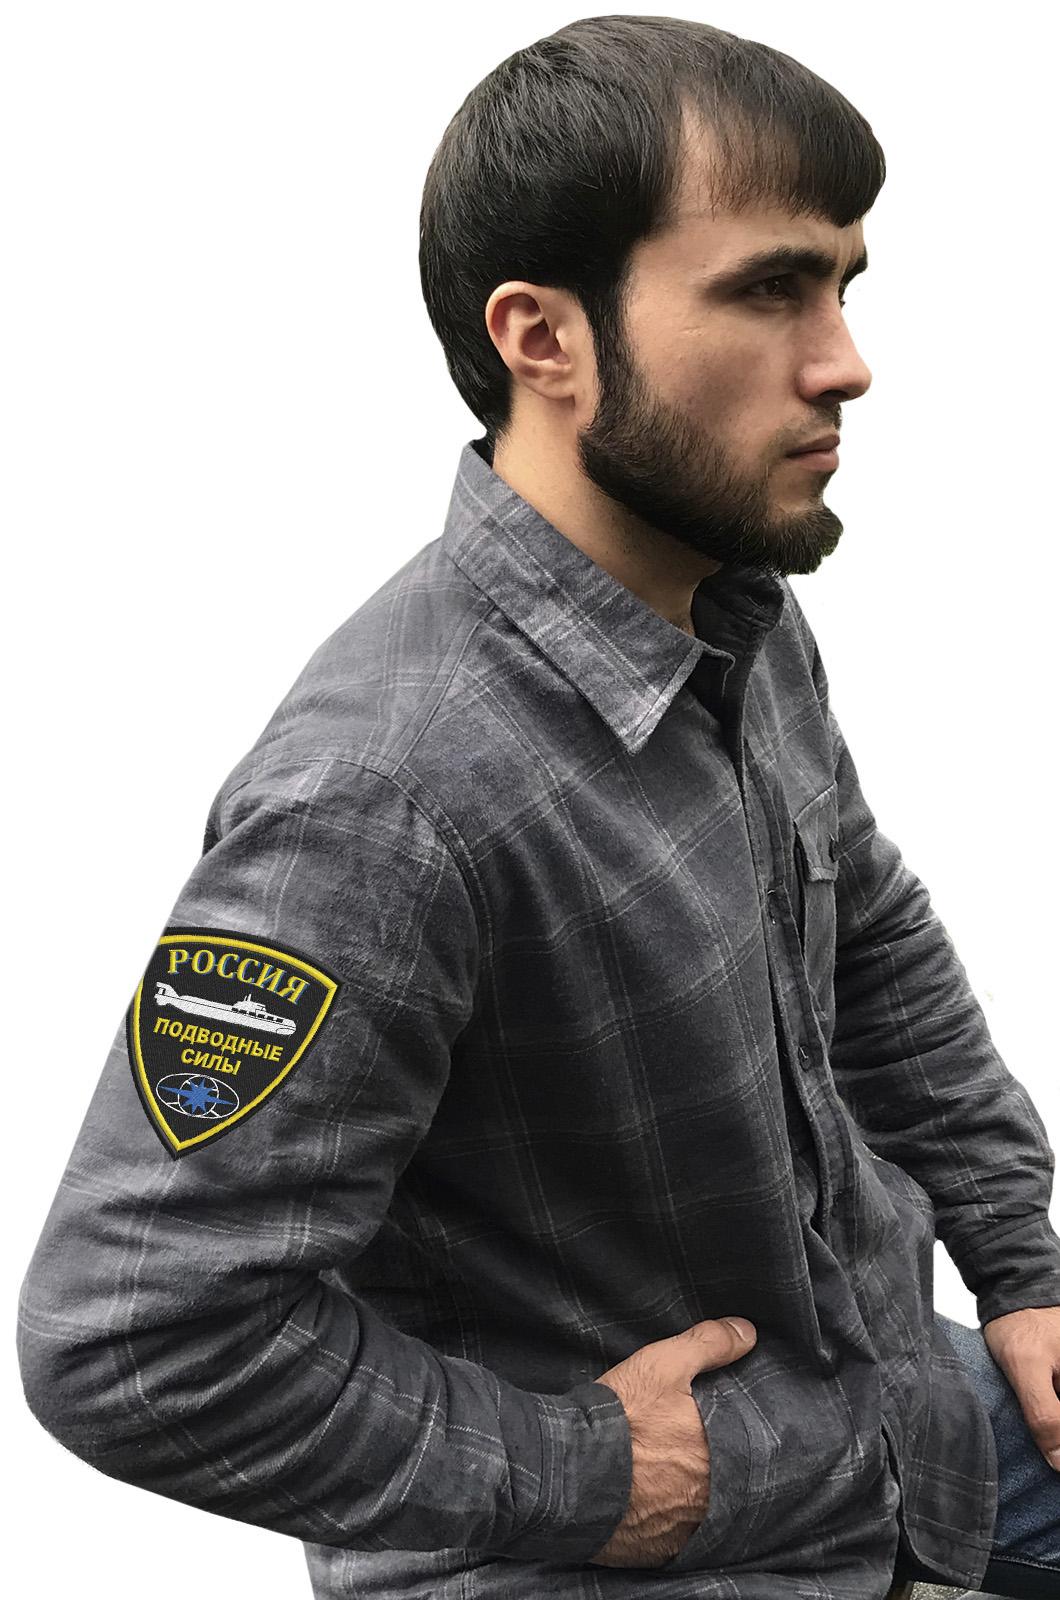 Удобная мужская рубашка с эмблемой Подводных сил России купить выгодно